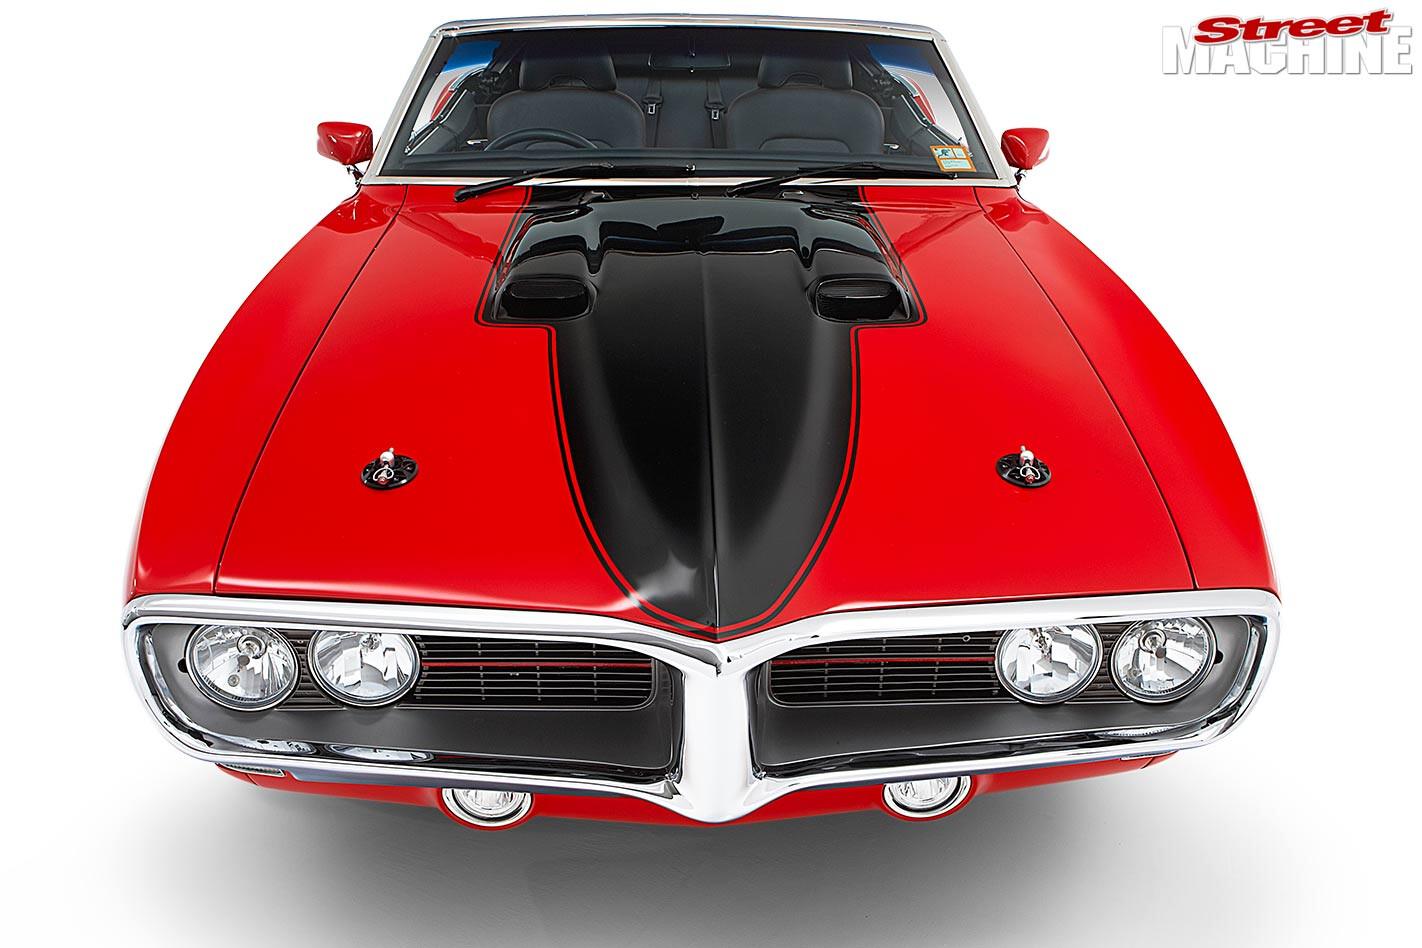 Pontiac Firebird convertible front